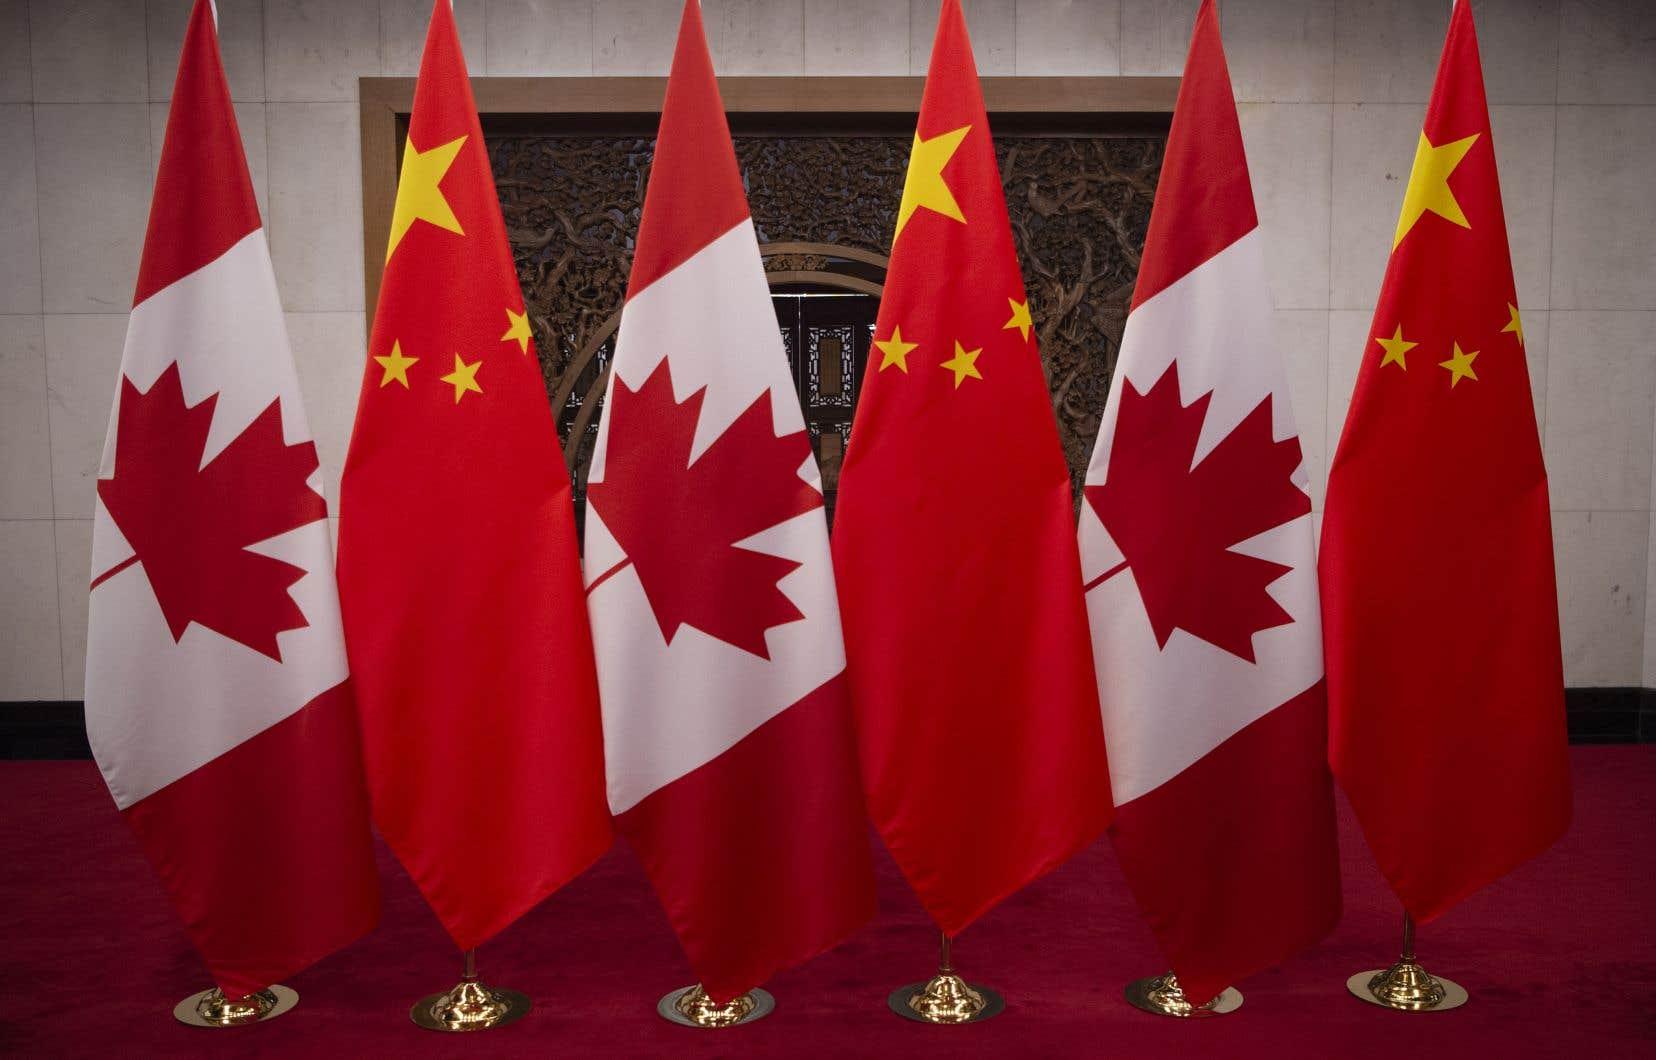 «Nous devrions commencer immédiatement à réévaluer notre stratégie d'engagement avec la Chine, en reconnaissant qu'elle est devenue un pays plus autoritaire», affirme l'auteur.